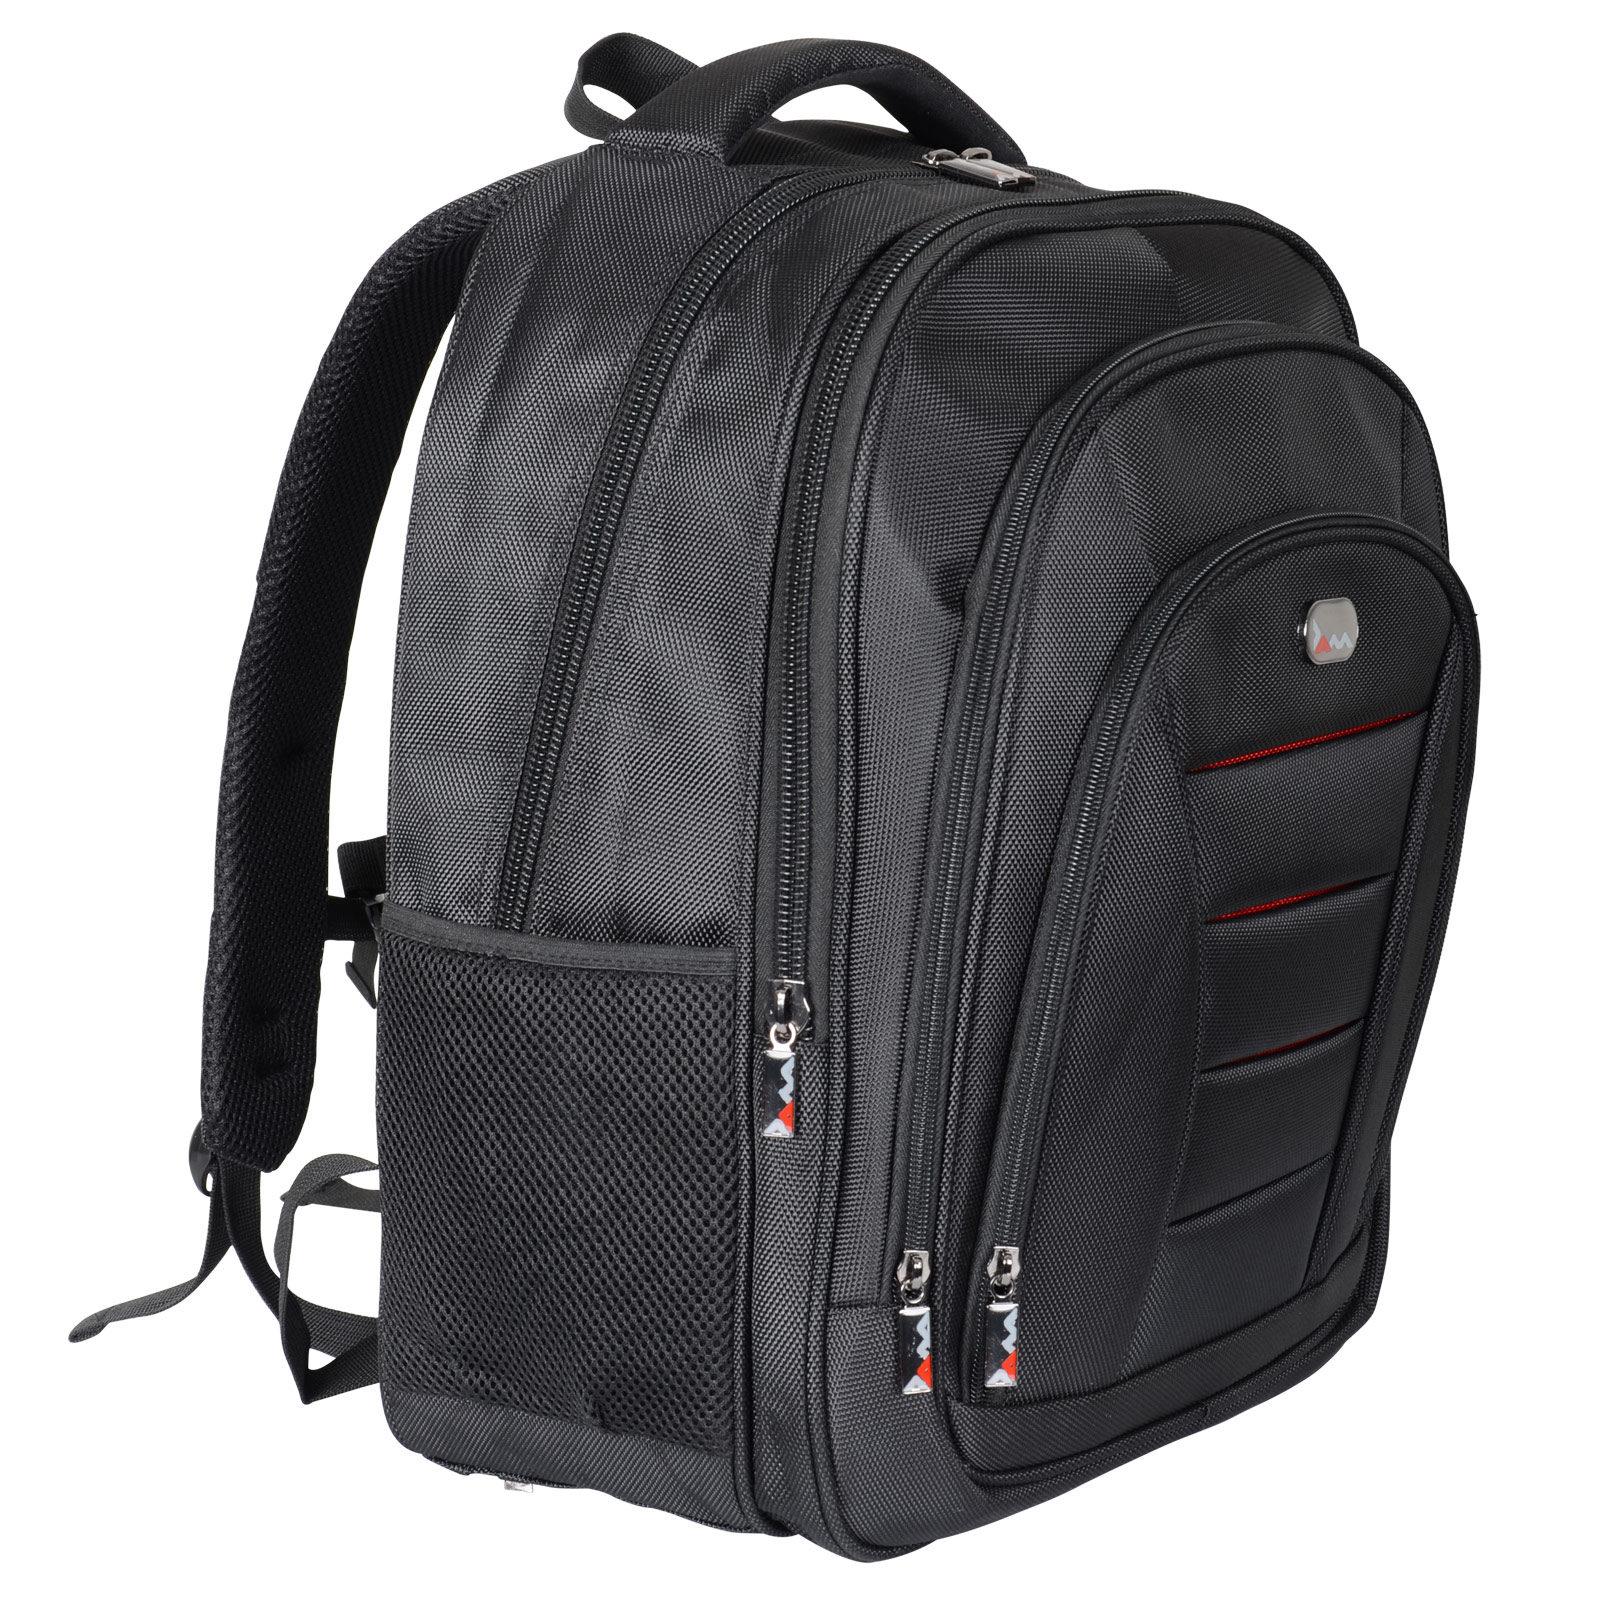 SALE - JAM Business Laptop Backpack Rucksack Bag Travel